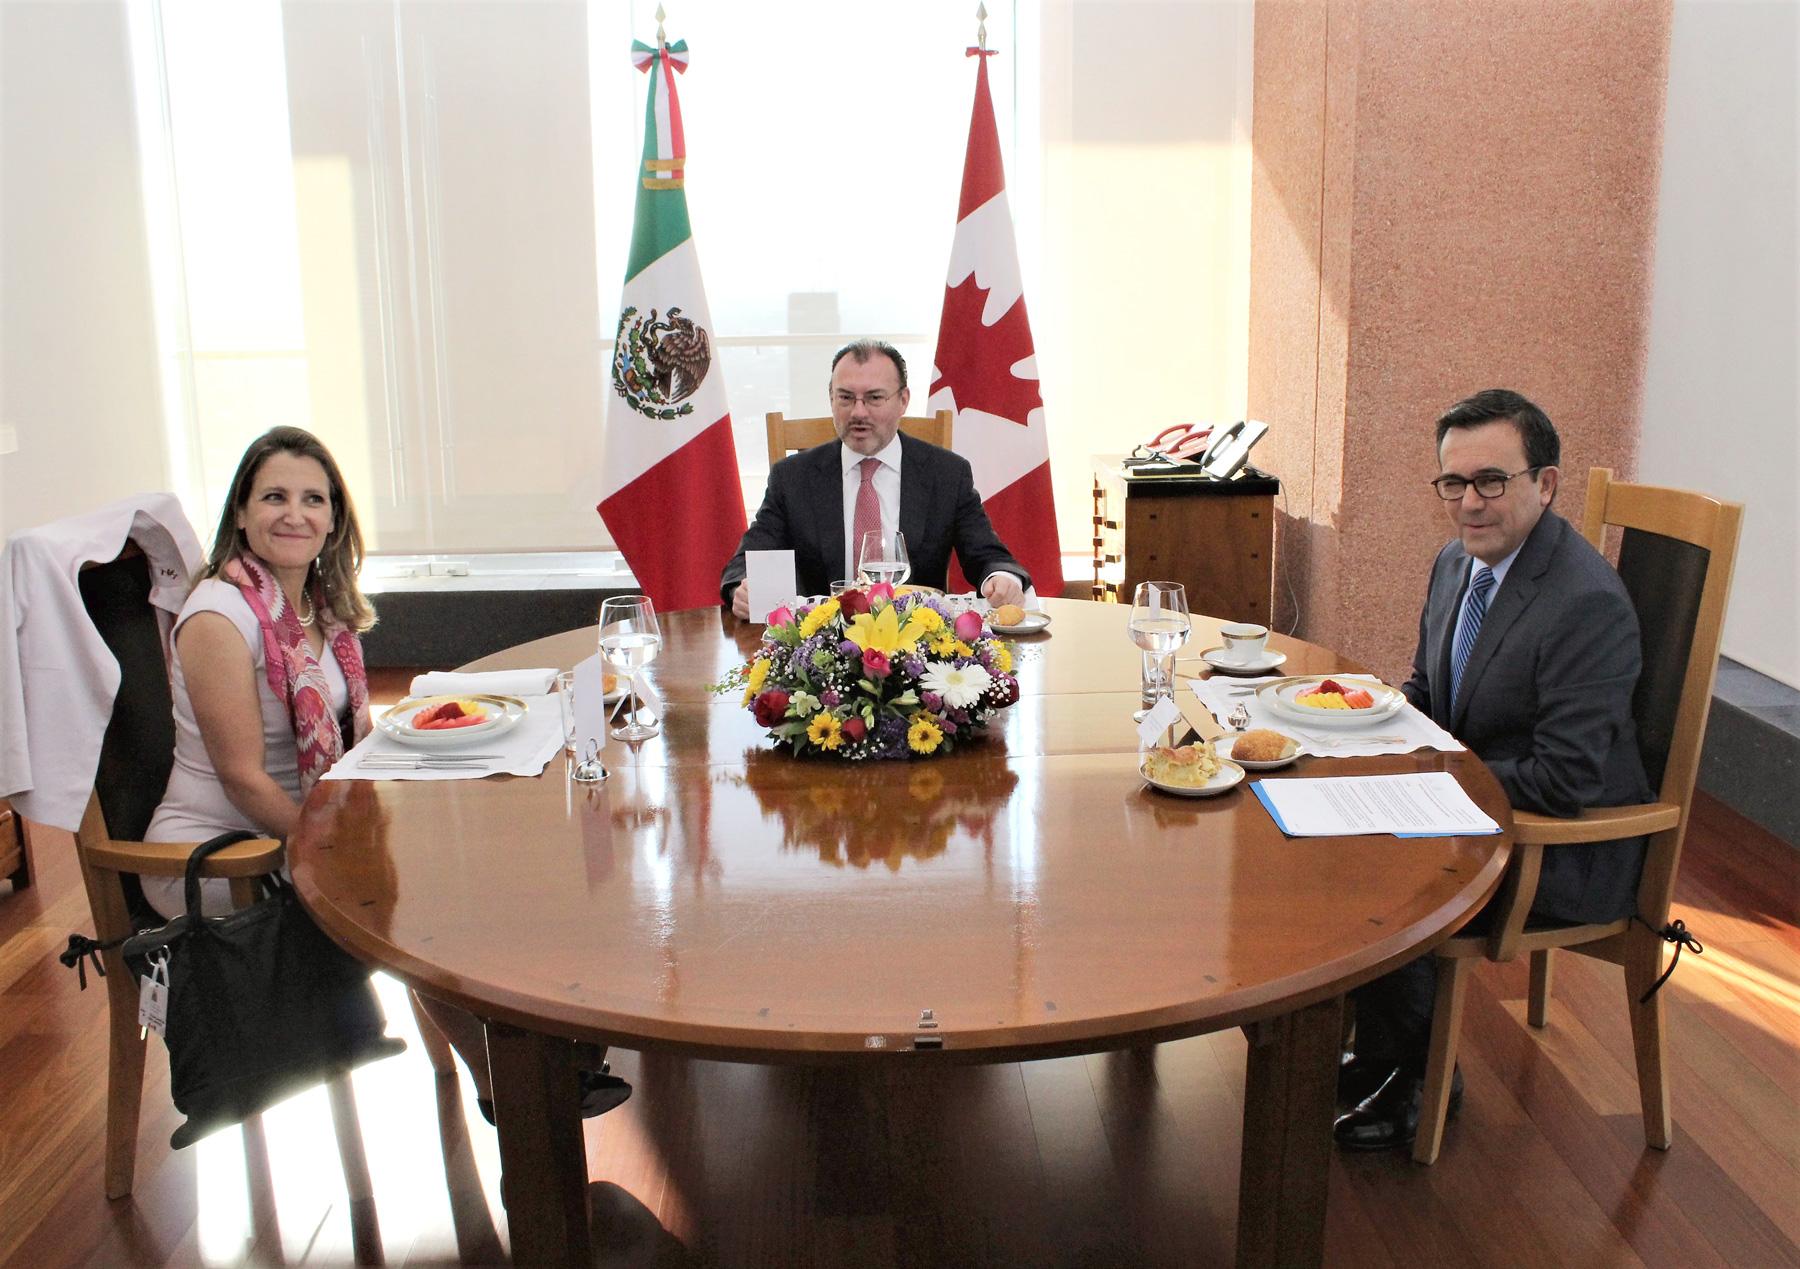 Secretario Ildefonso Guajardo, el Canciller Luis Videgaray y la Ministra Chrystia Freeland, previo al mensaje a medios